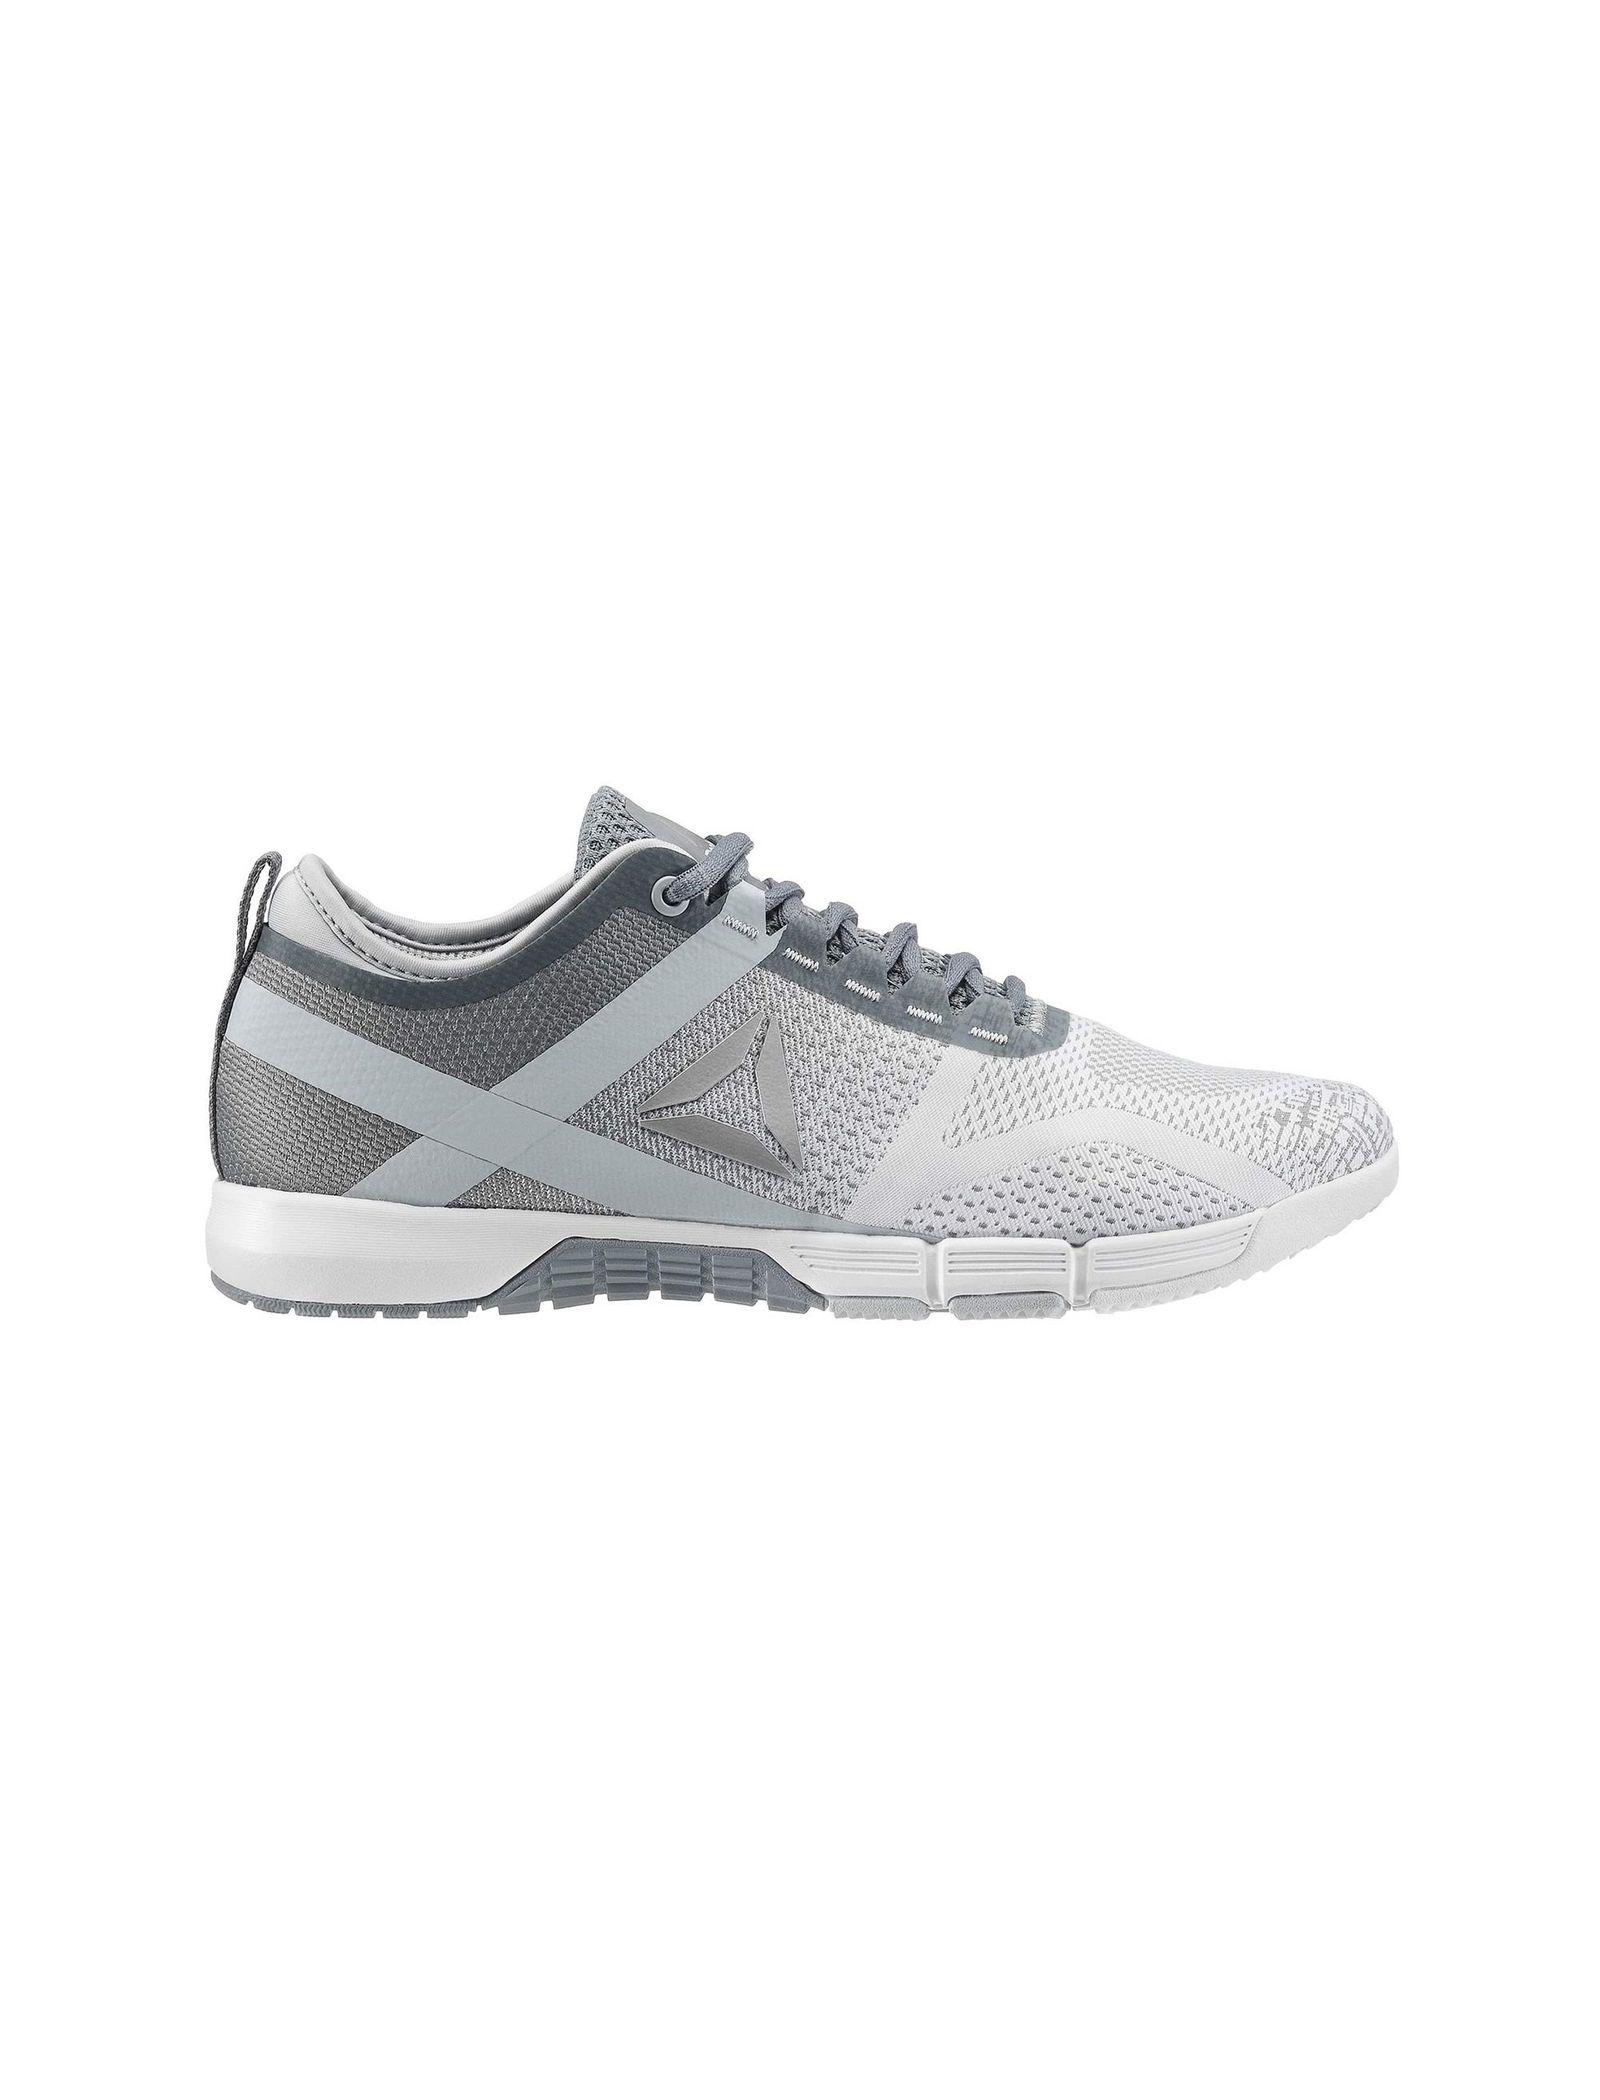 کفش تمرین بندی زنانه CrossFit Grace - ریباک - طوسي - 1